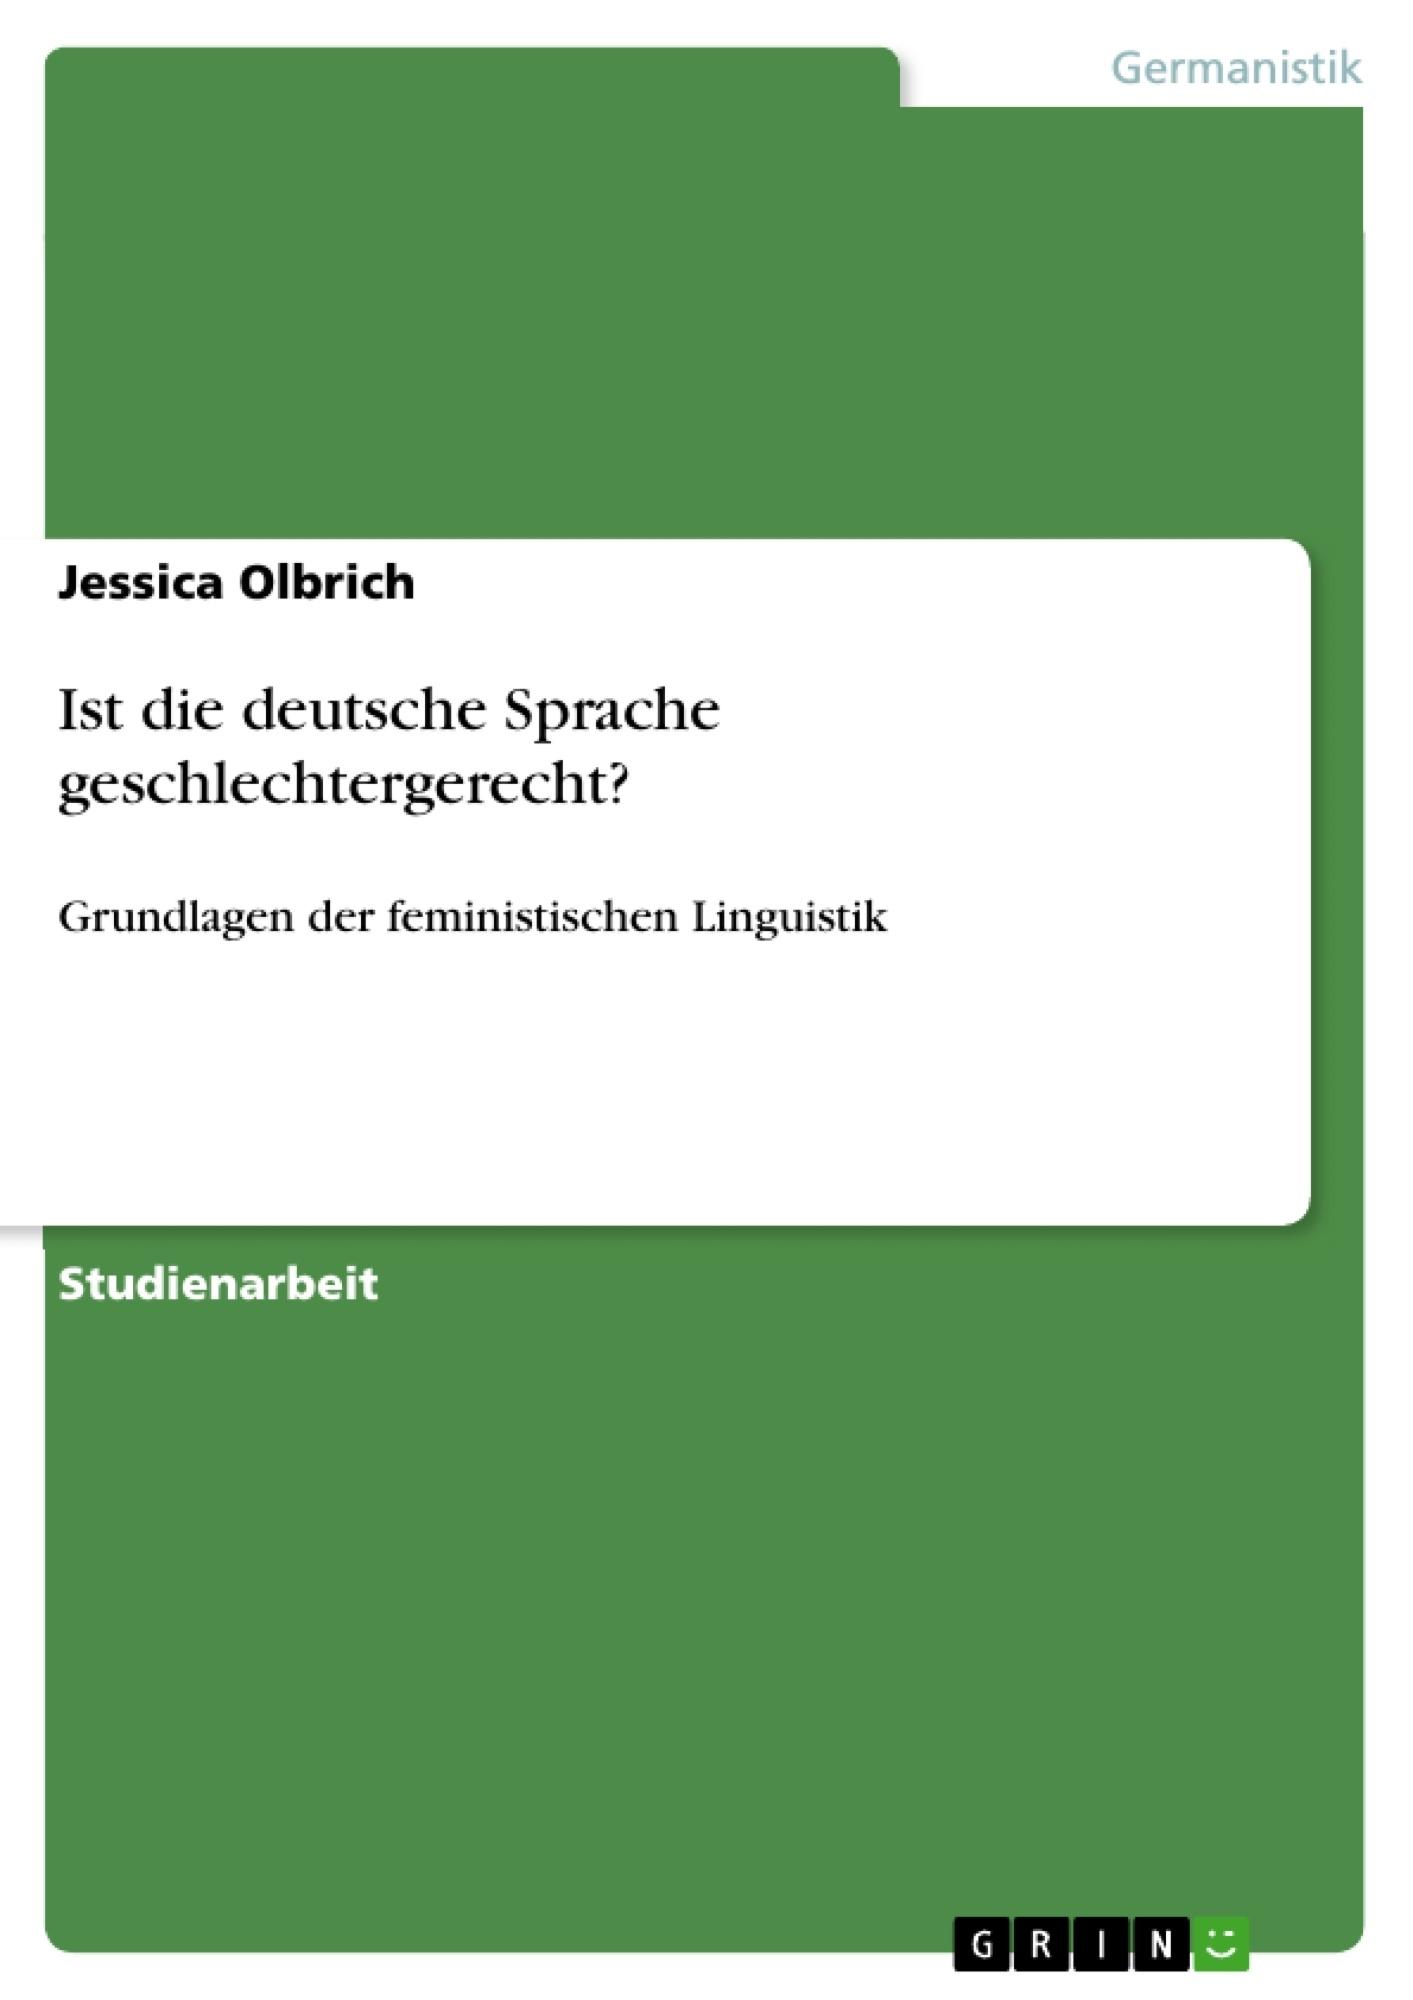 Titel: Ist die deutsche Sprache geschlechtergerecht?